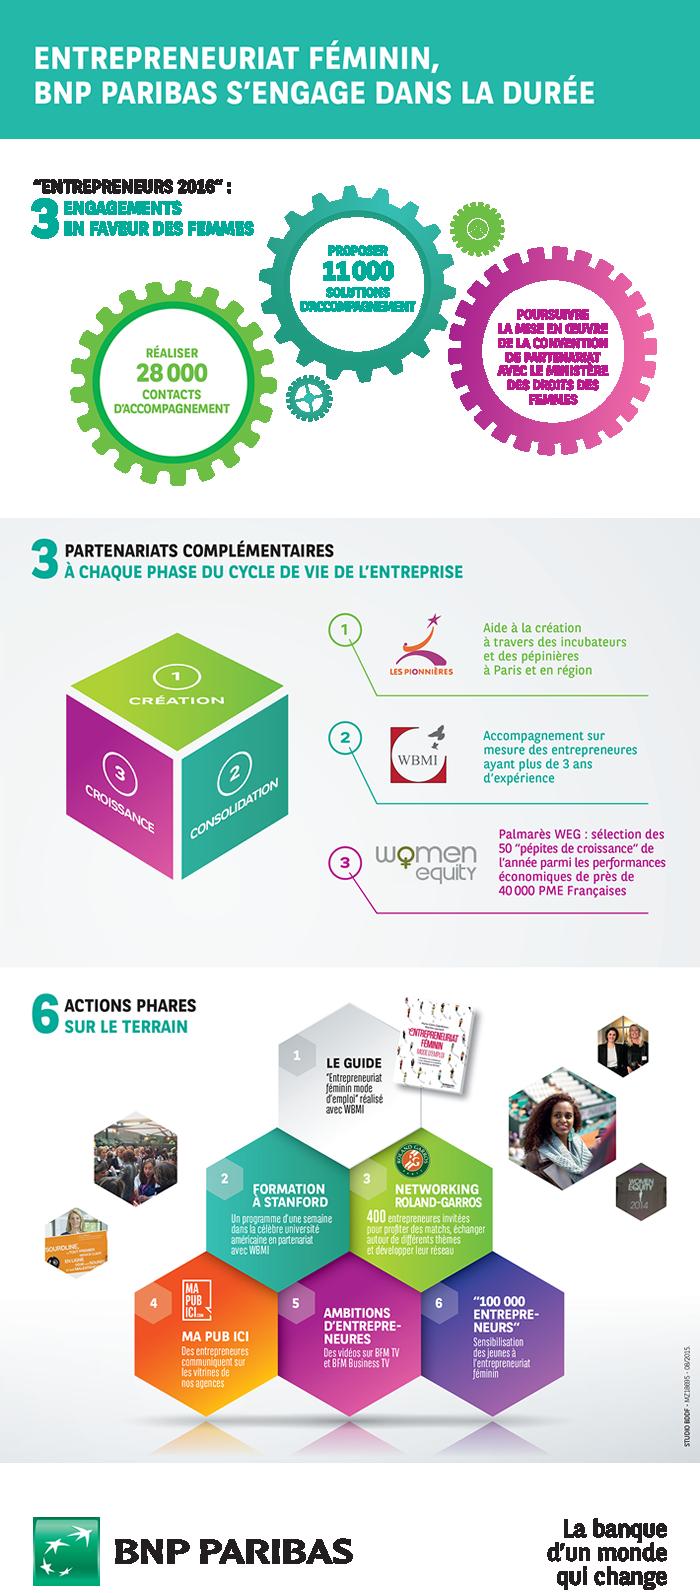 Entrepreneuriat féminin - BNP Paribas s'engage dans la durée